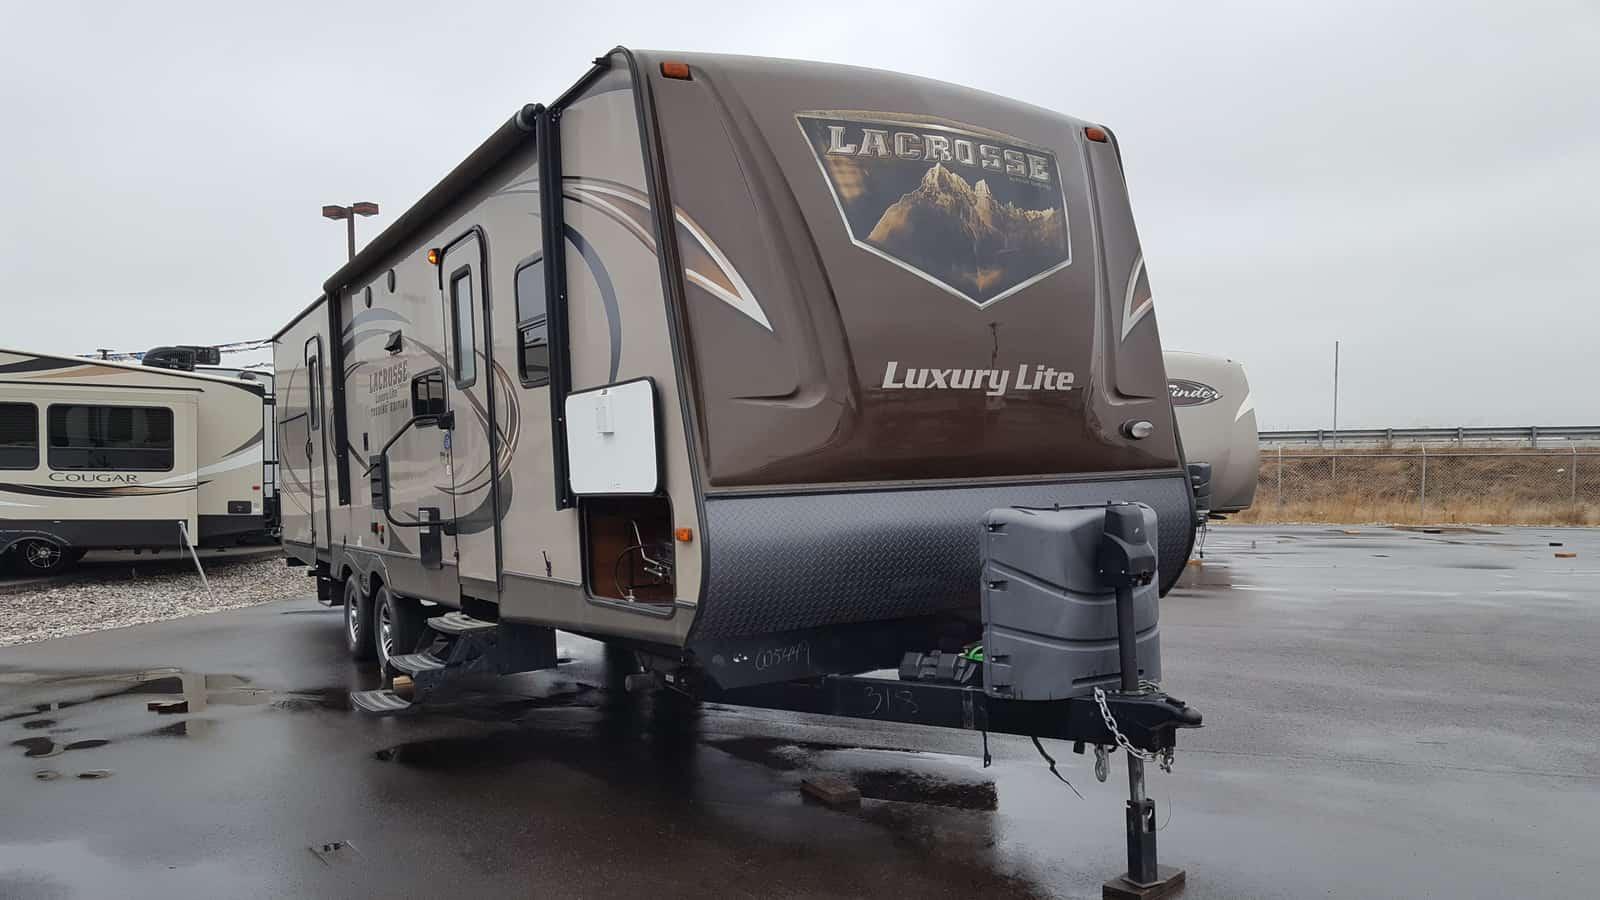 USED 2015 Prime Time LACROSSE 318BHS - American RV